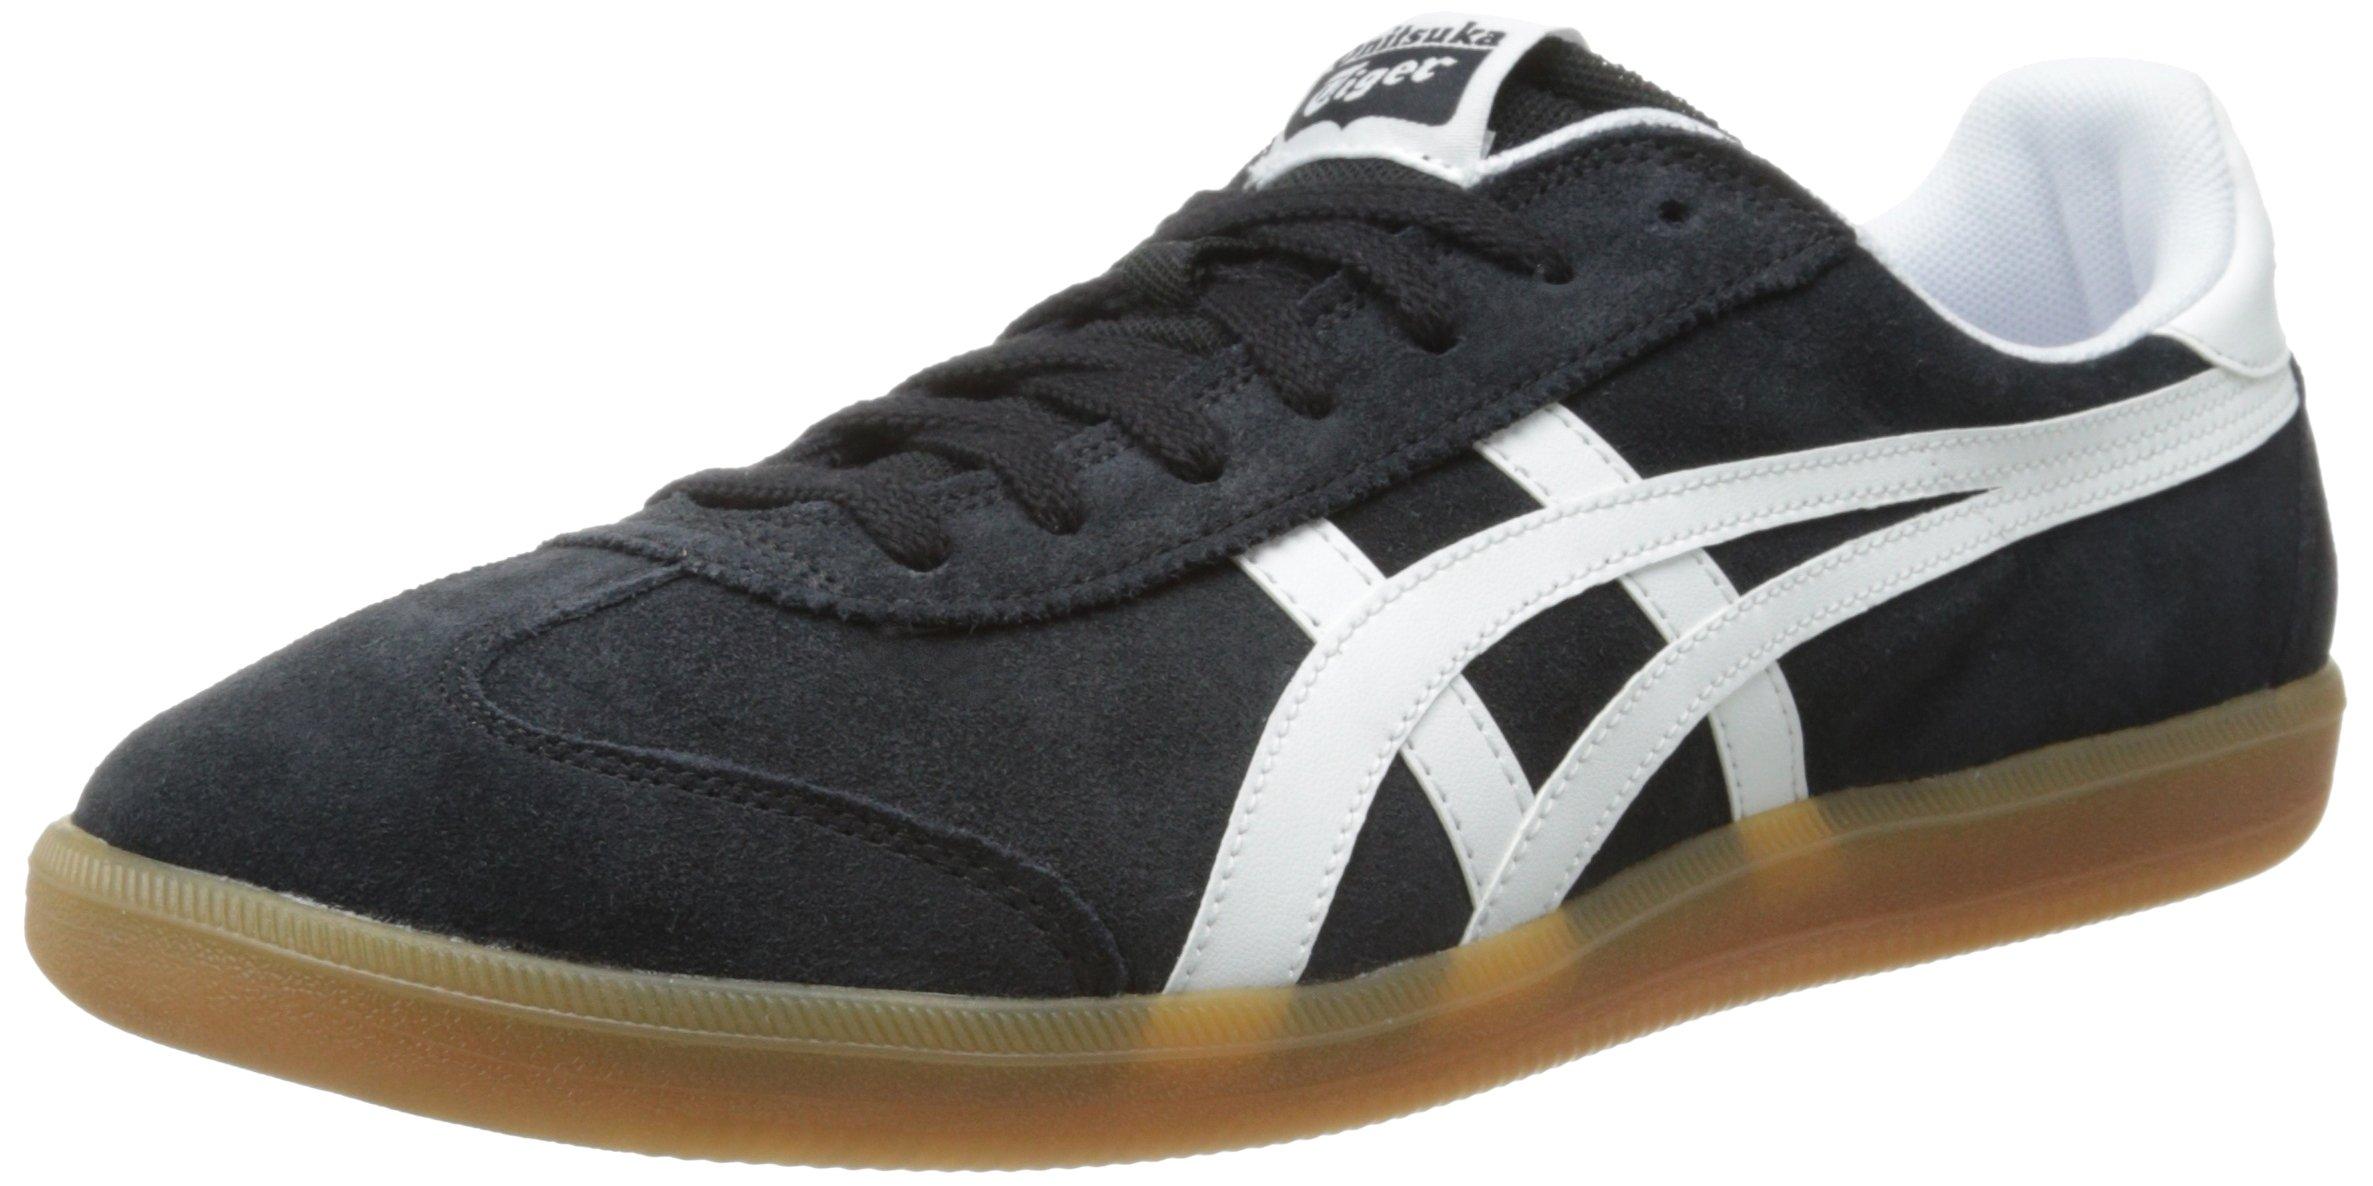 Giày Onitsuka Tiger Tokuten Classic Soccer Shoe, size 9.5 US - 41.5 EU